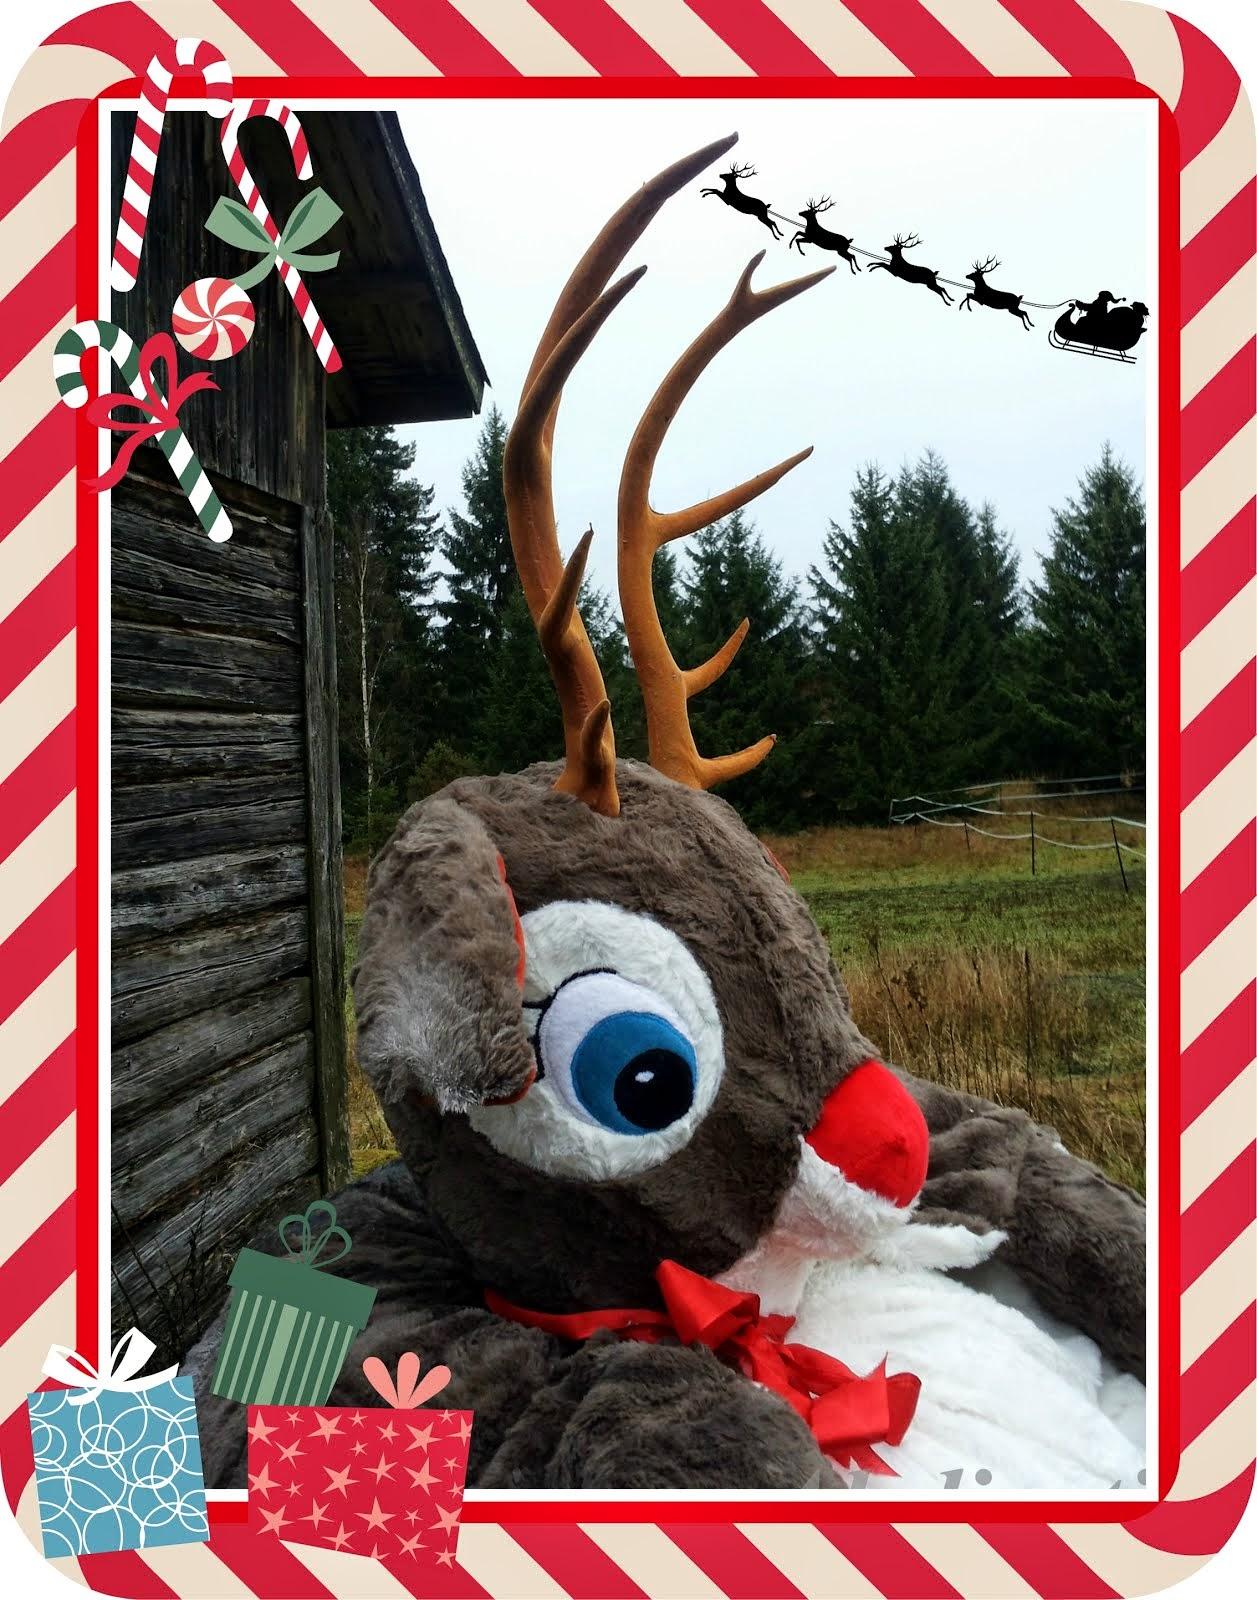 Petteri Punakuonon jouluseikkailu